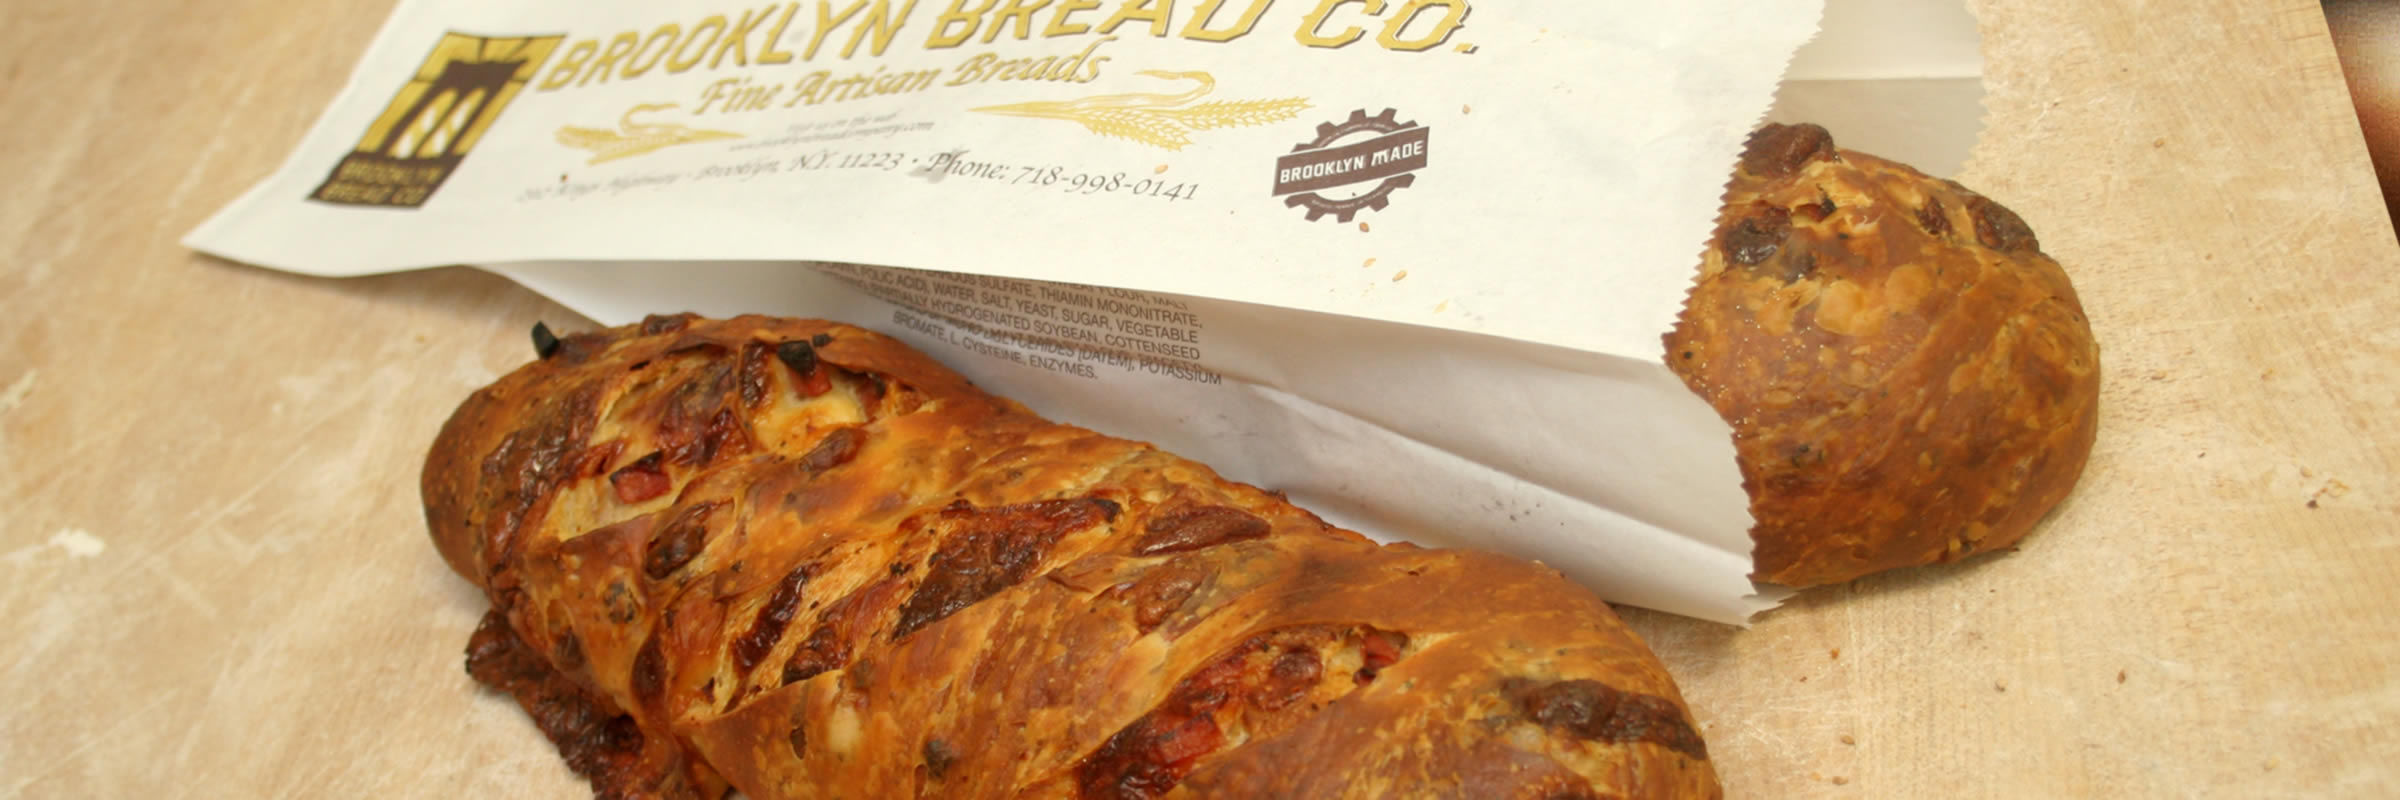 brooklyn-bread-company-lard-bread